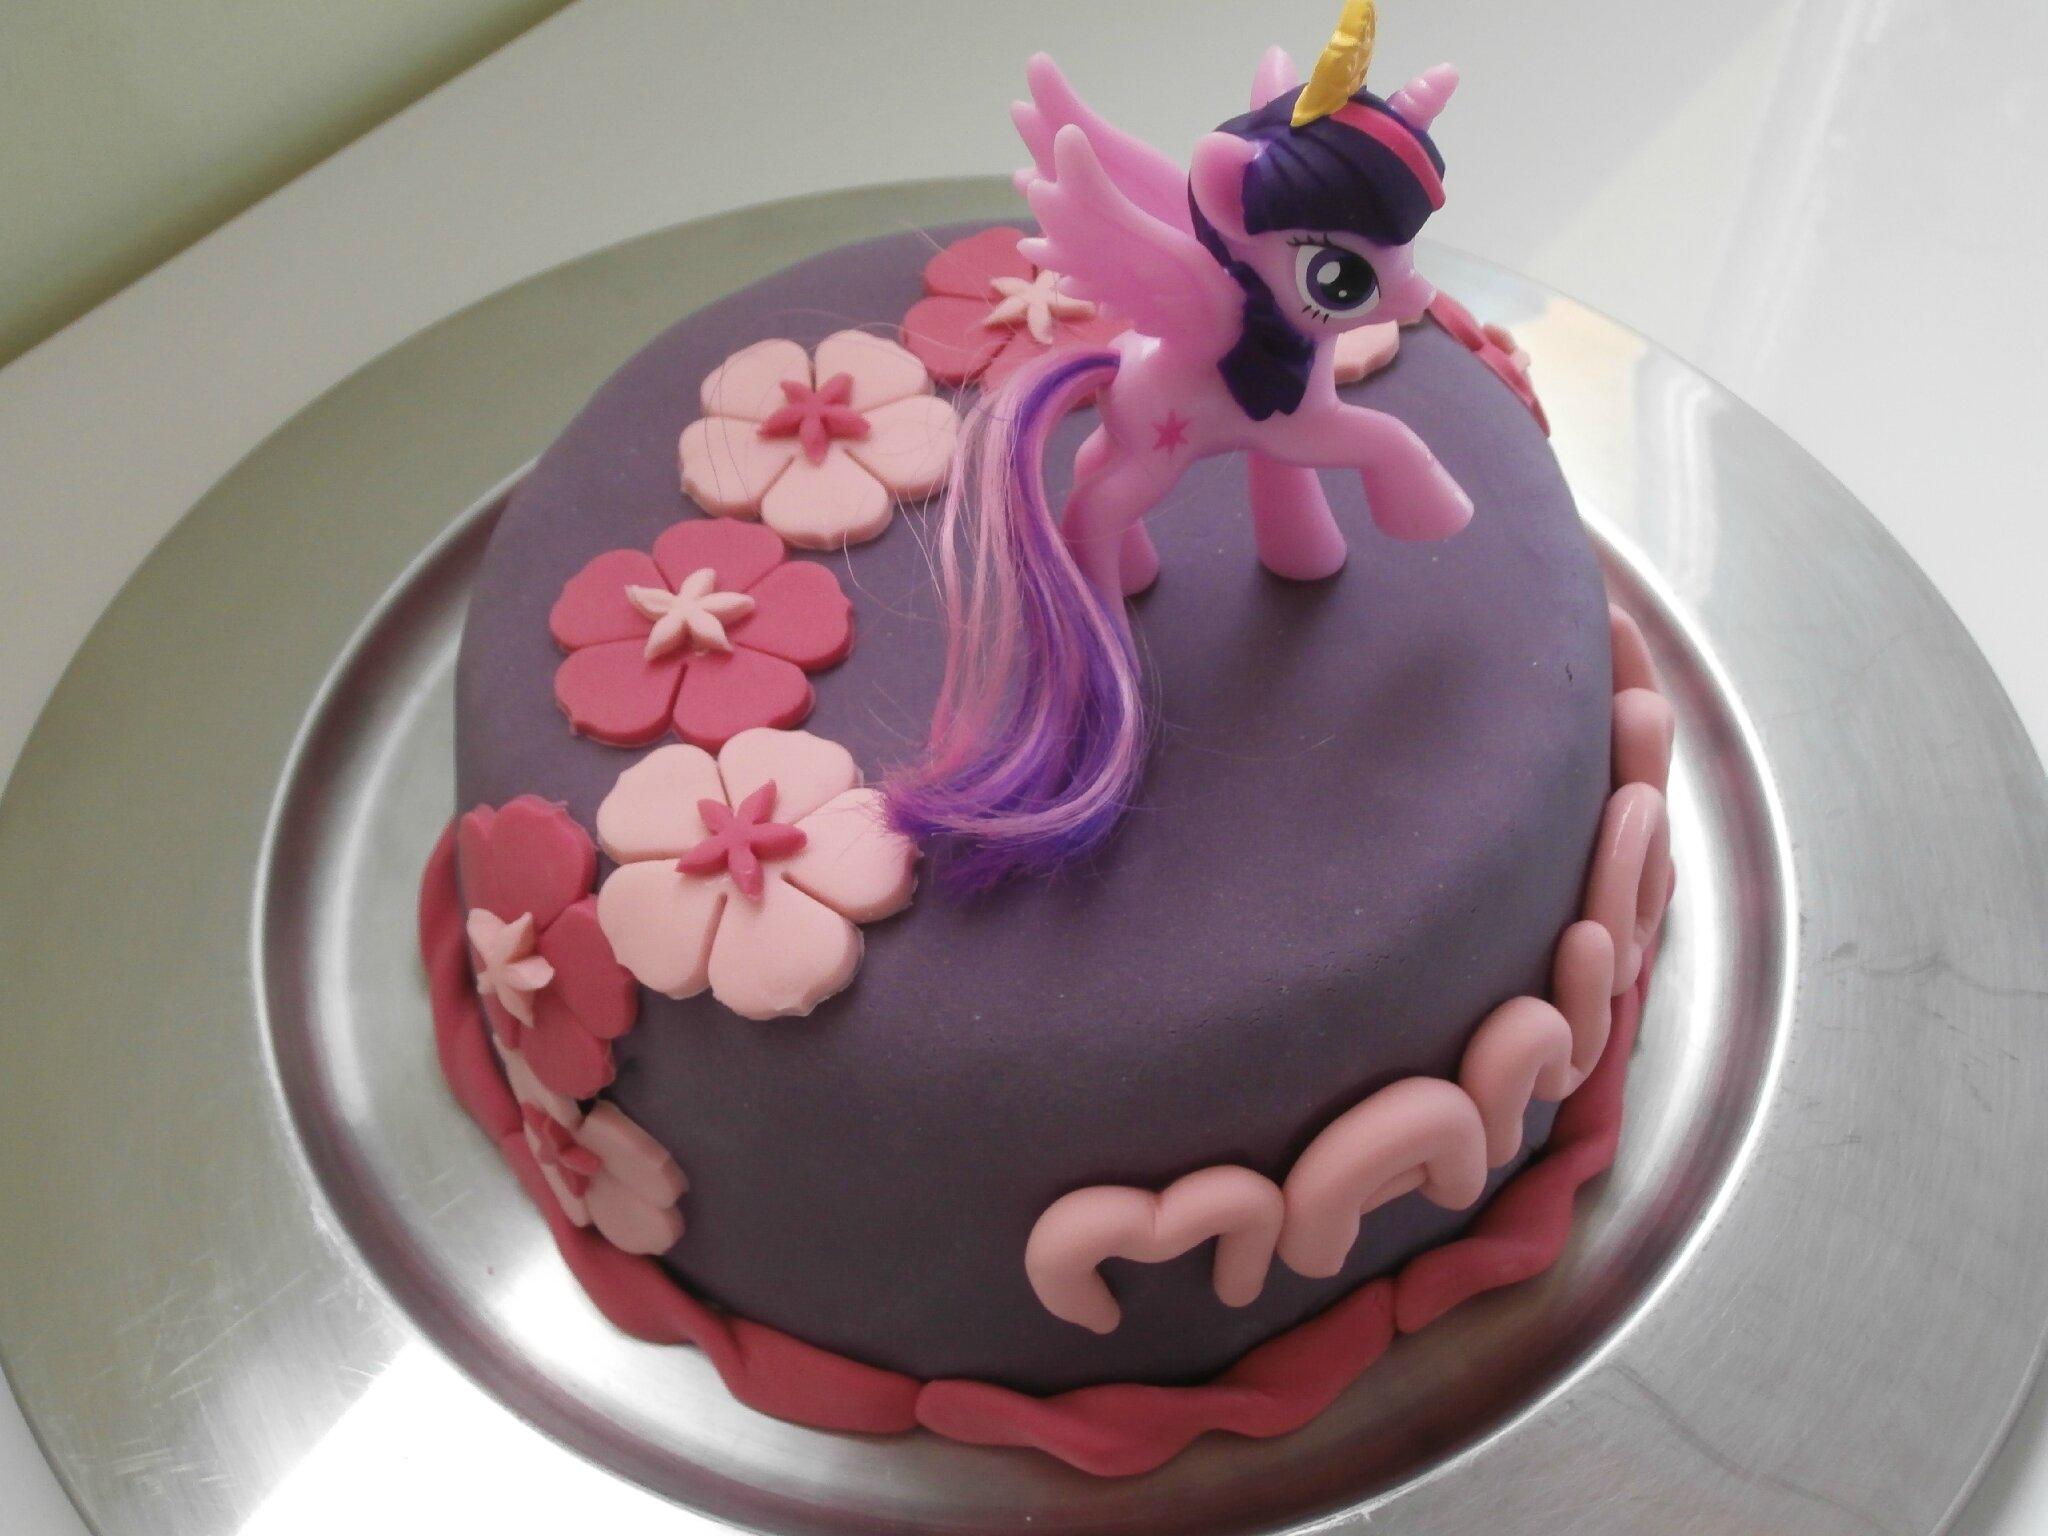 Populaire Gateau poney anniversaire – Les recettes populaires blogue le blog  MY14